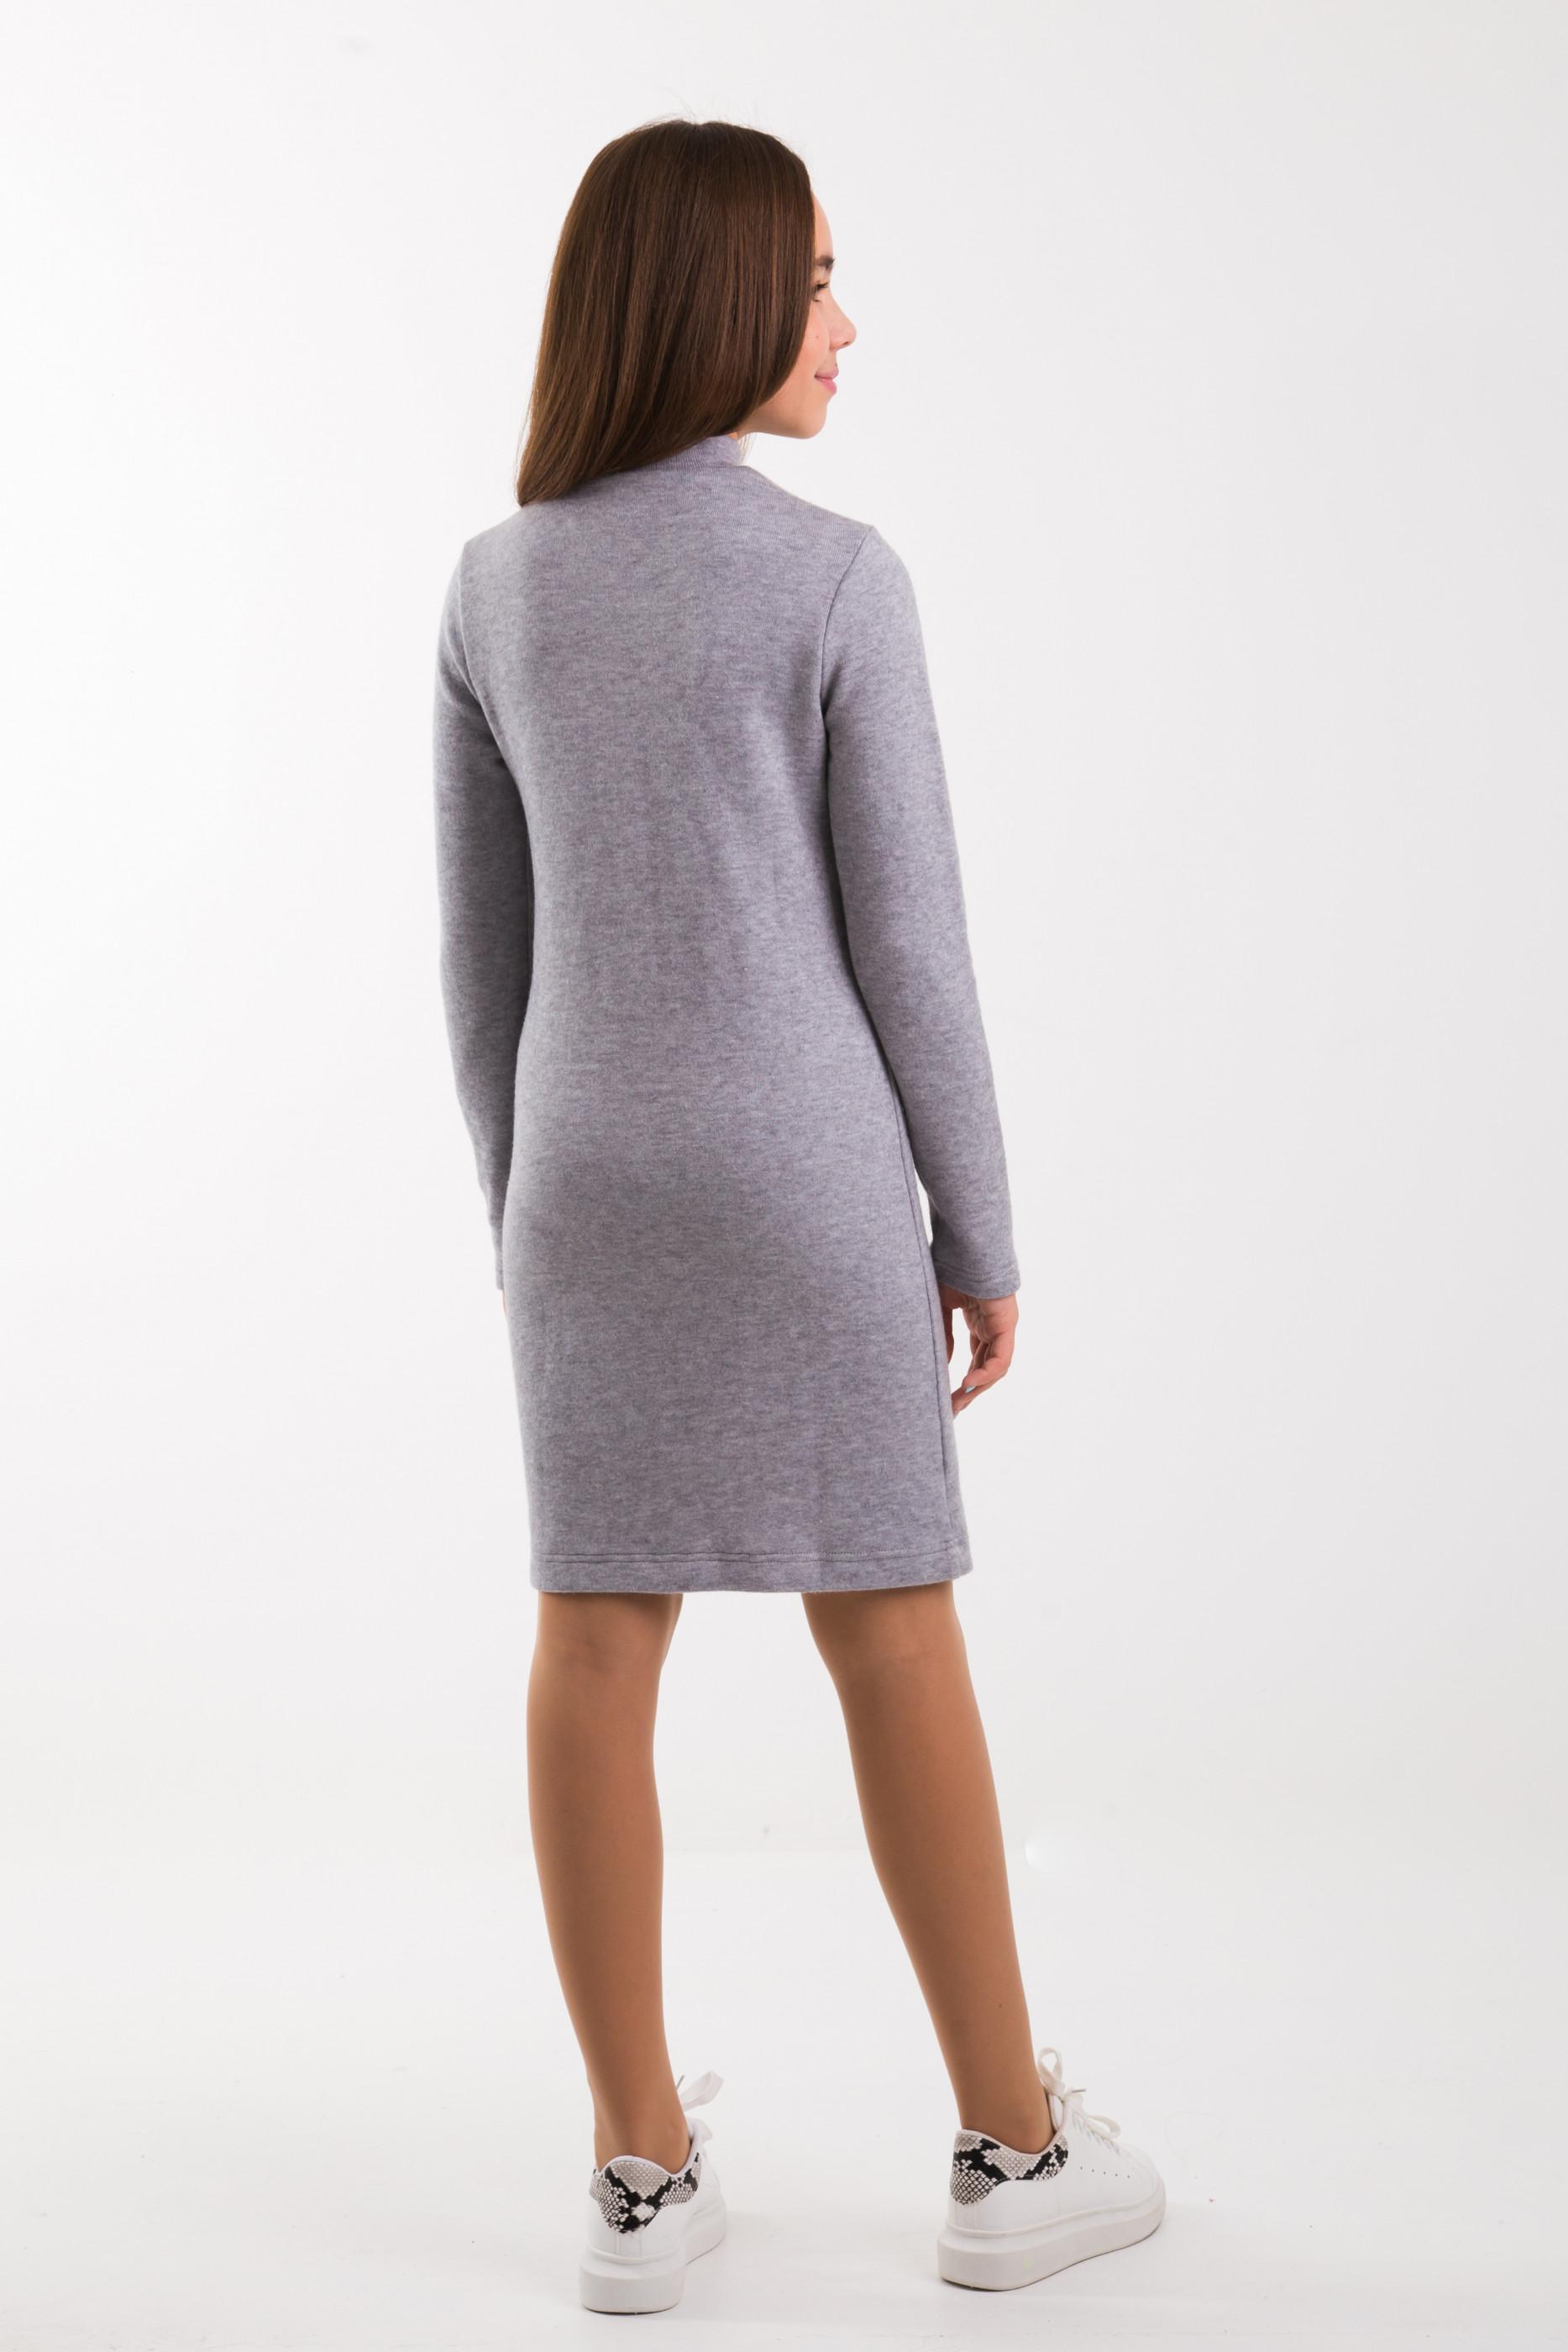 Плаття Блум, фото №2